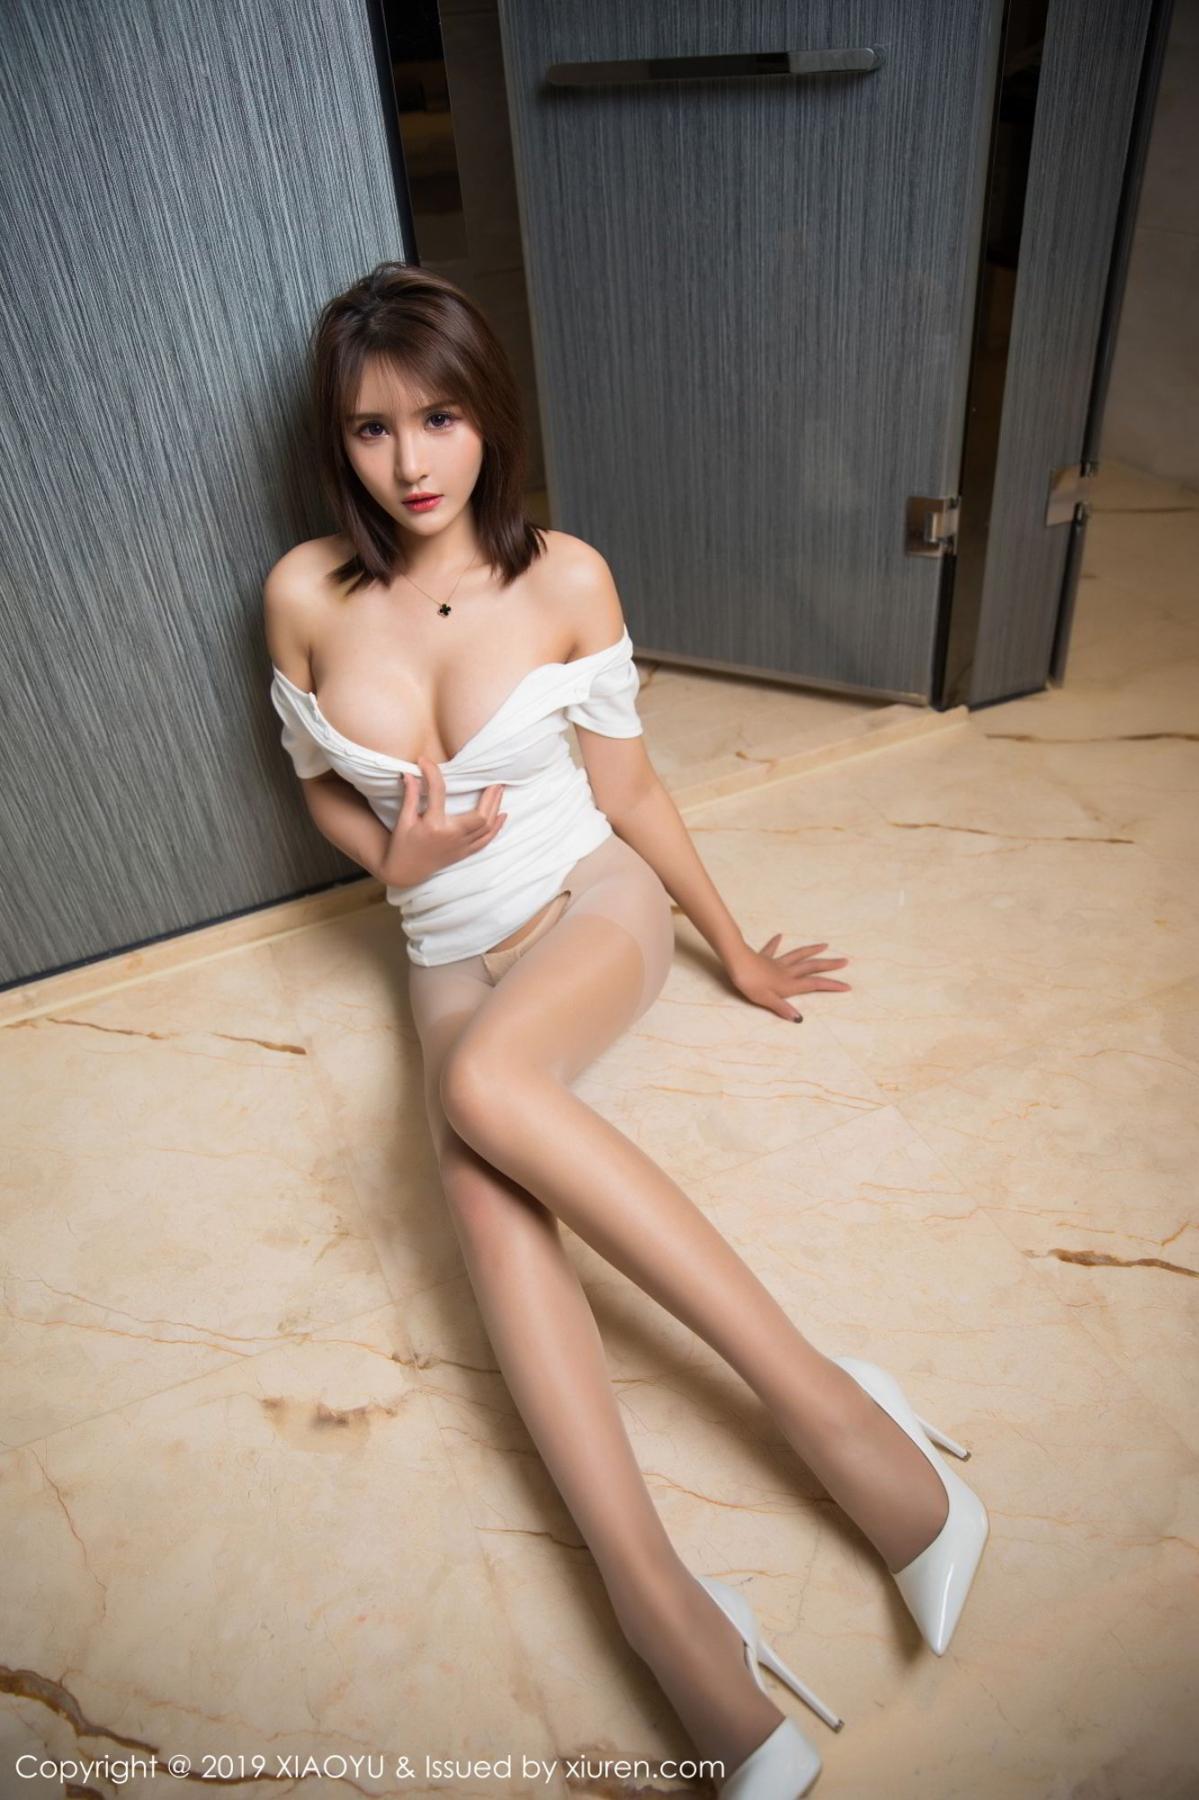 [XiaoYu] Vol.112 Solo Yi Fei 42P, Solo Yi Fei, Underwear, XiaoYu